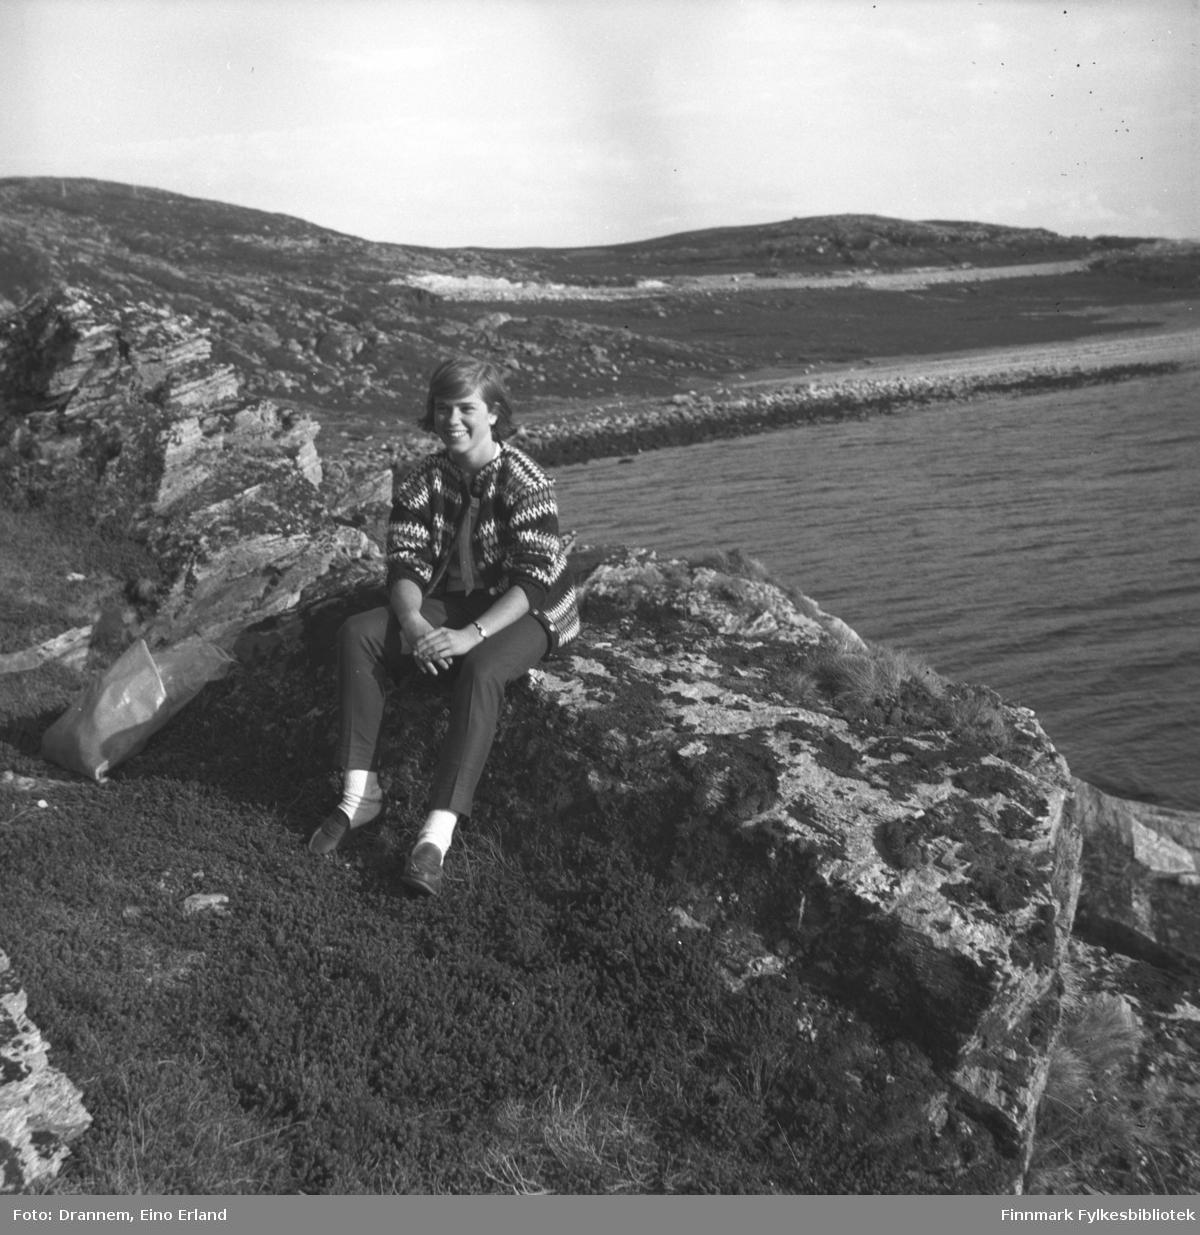 Marit Gabrielsen sitter på en stein i veikanten til Rv94 med Kargenes i bakgrunnen.